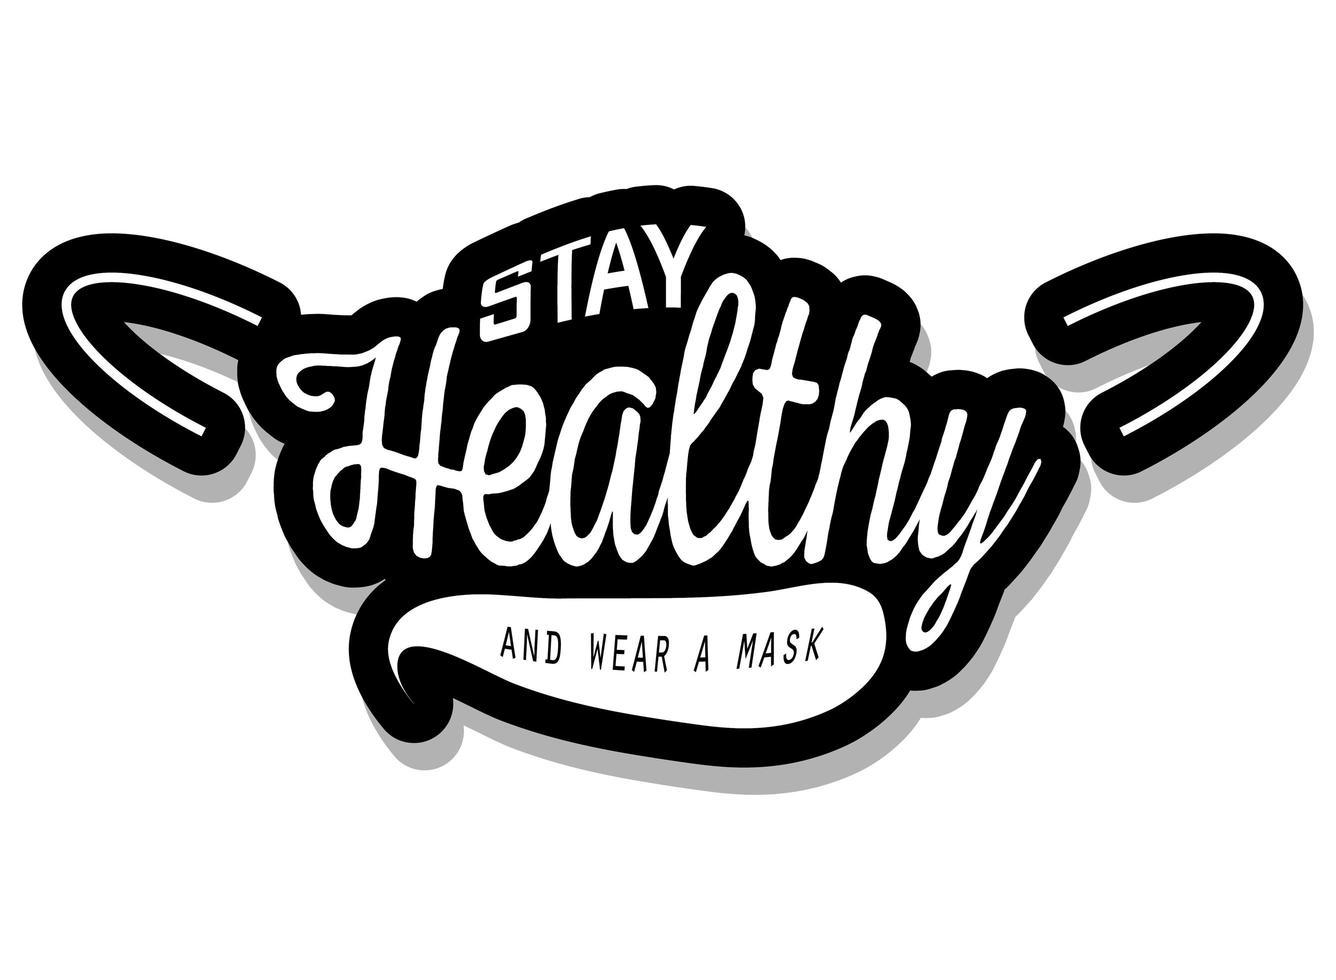 Bleib gesund und trage eine Maske vektor